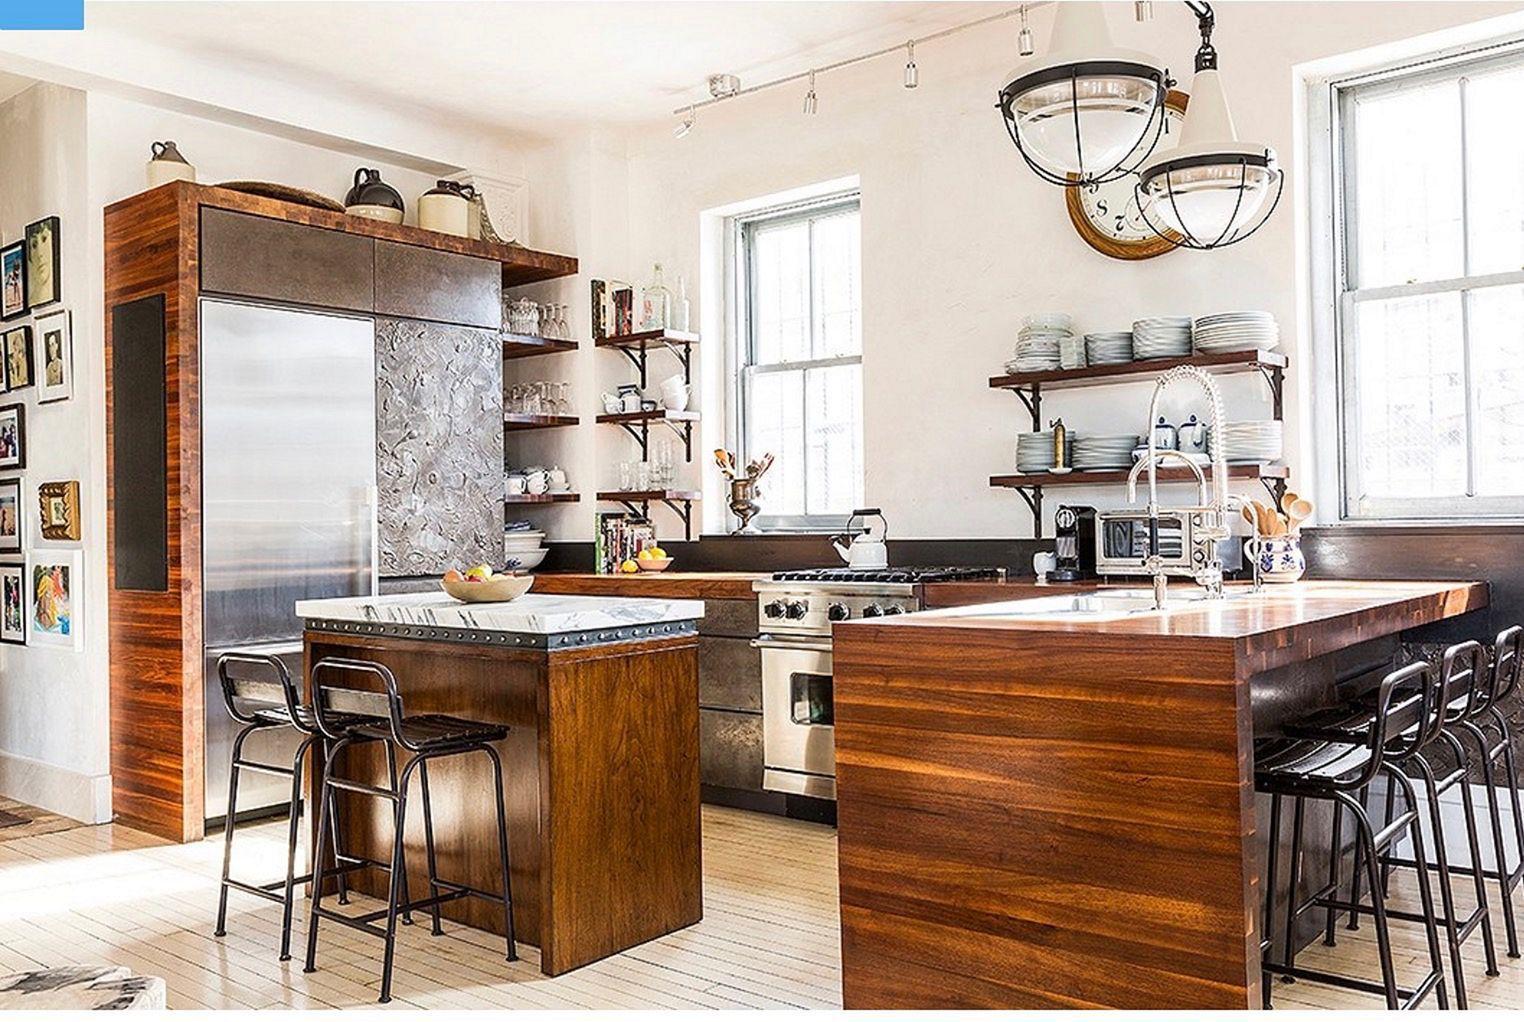 Amazing Small Kitchen Ideas For Big Taste: 70+ Best Design Ideas ...